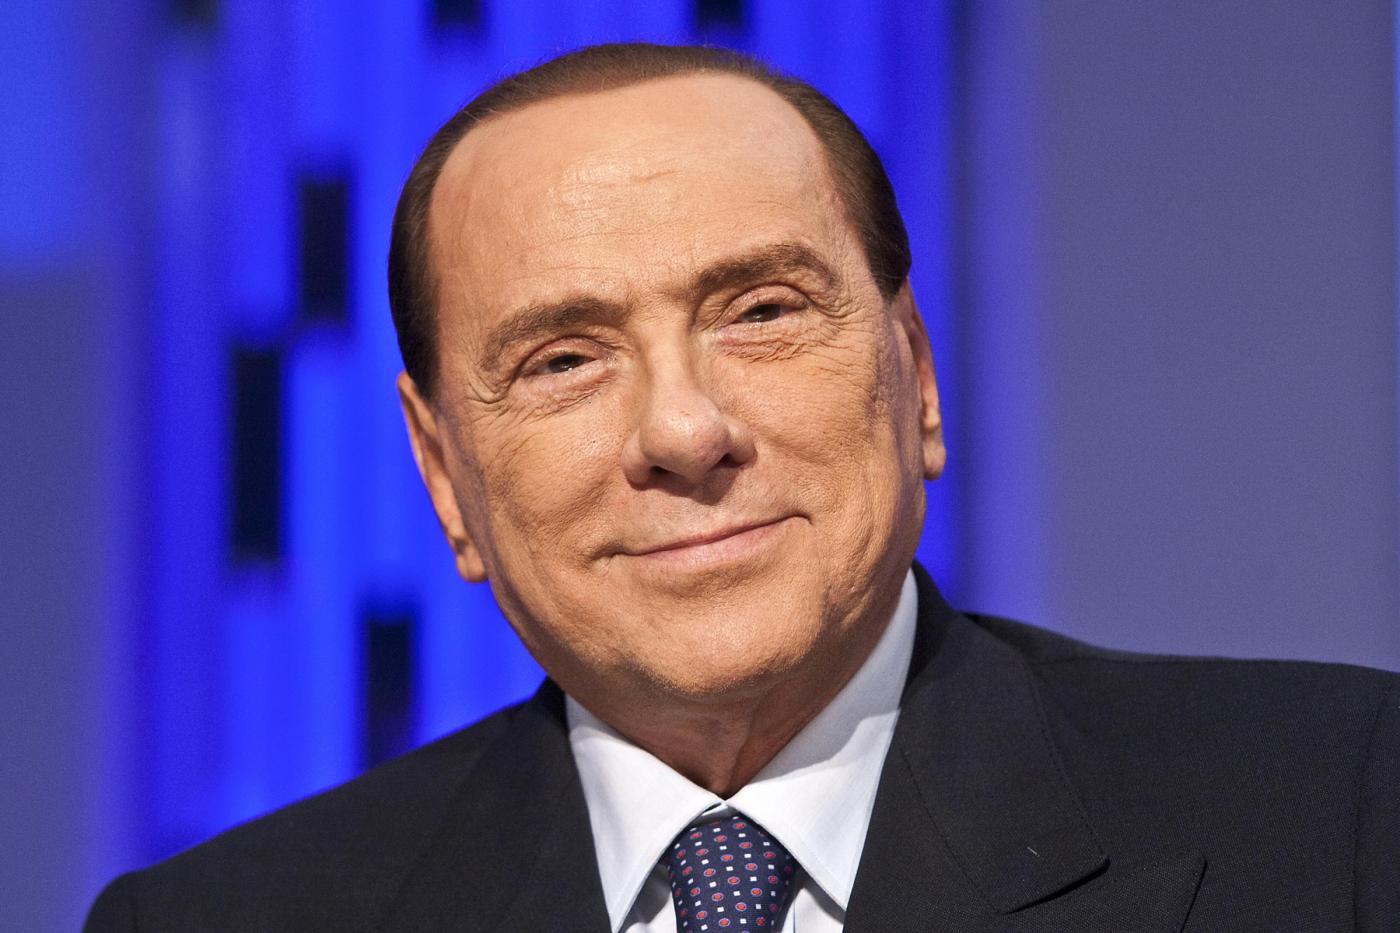 Berlusconi: No al voto anticipato. In Forza Italia comando io